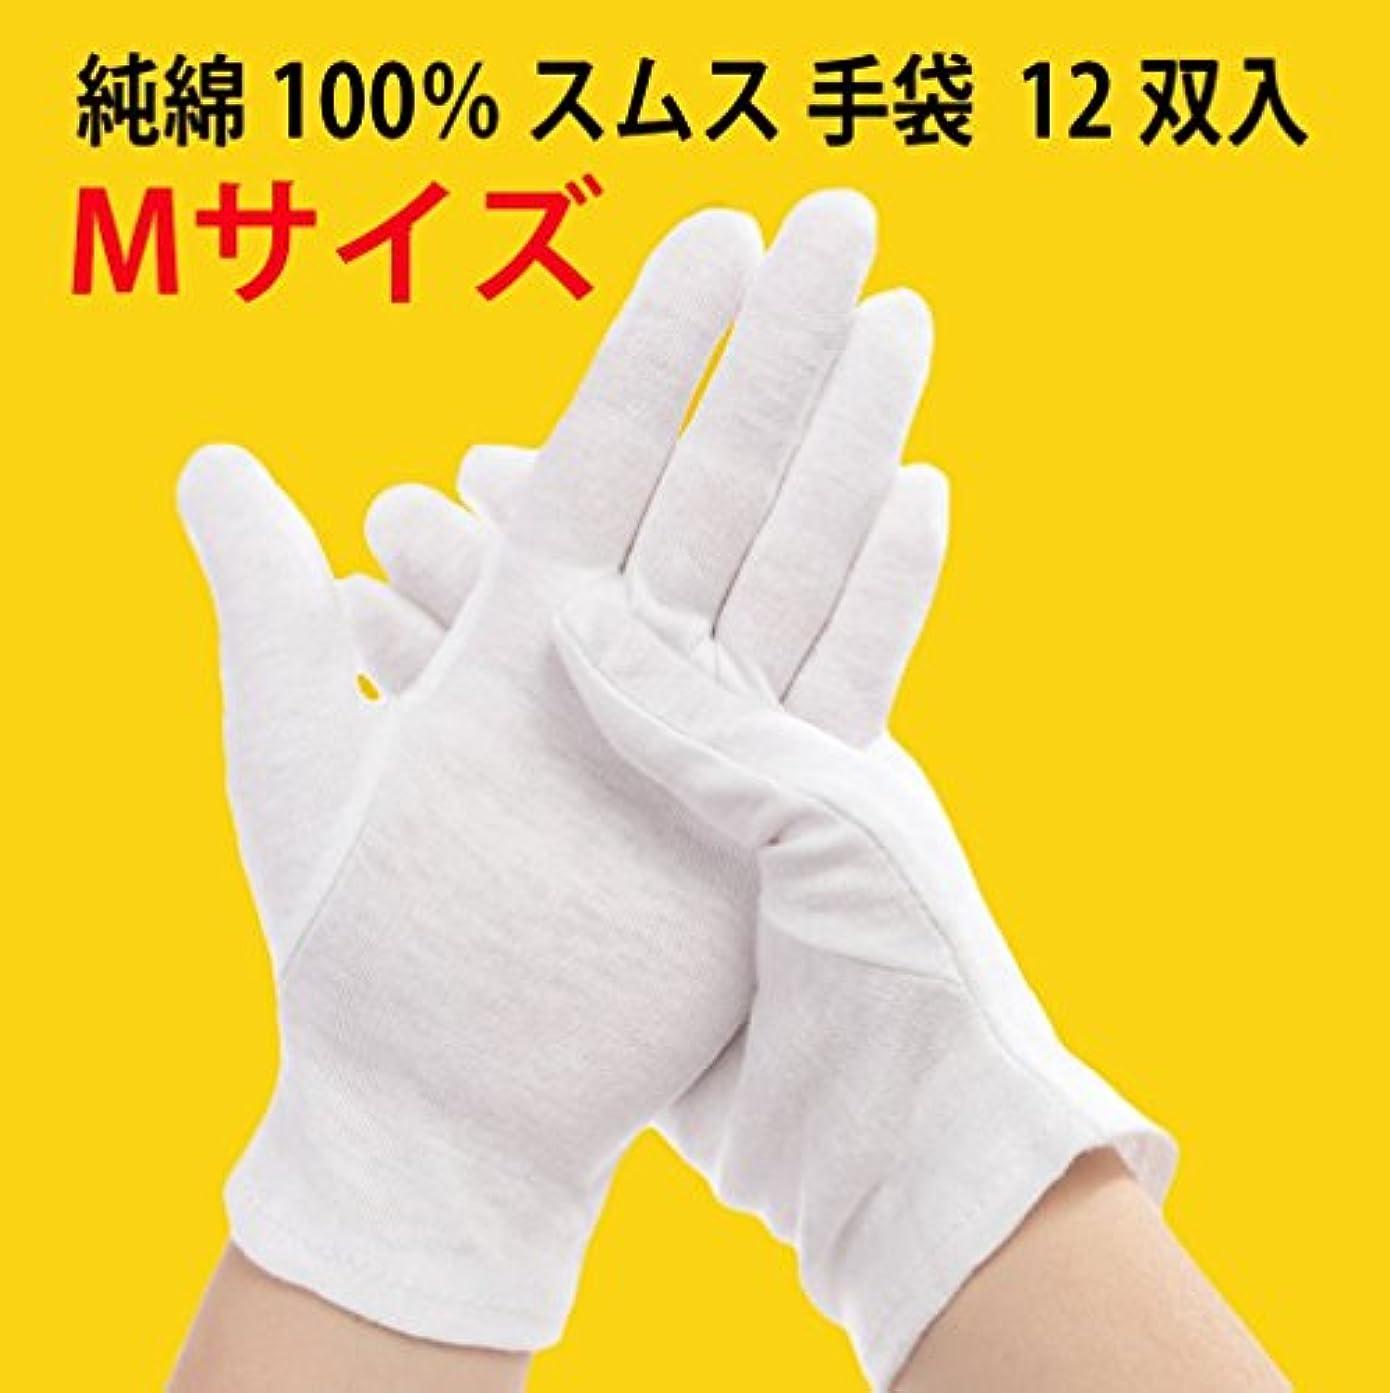 配偶者香水アテンダント純綿100% スムス 手袋 Mサイズ 12双 多用途 101115